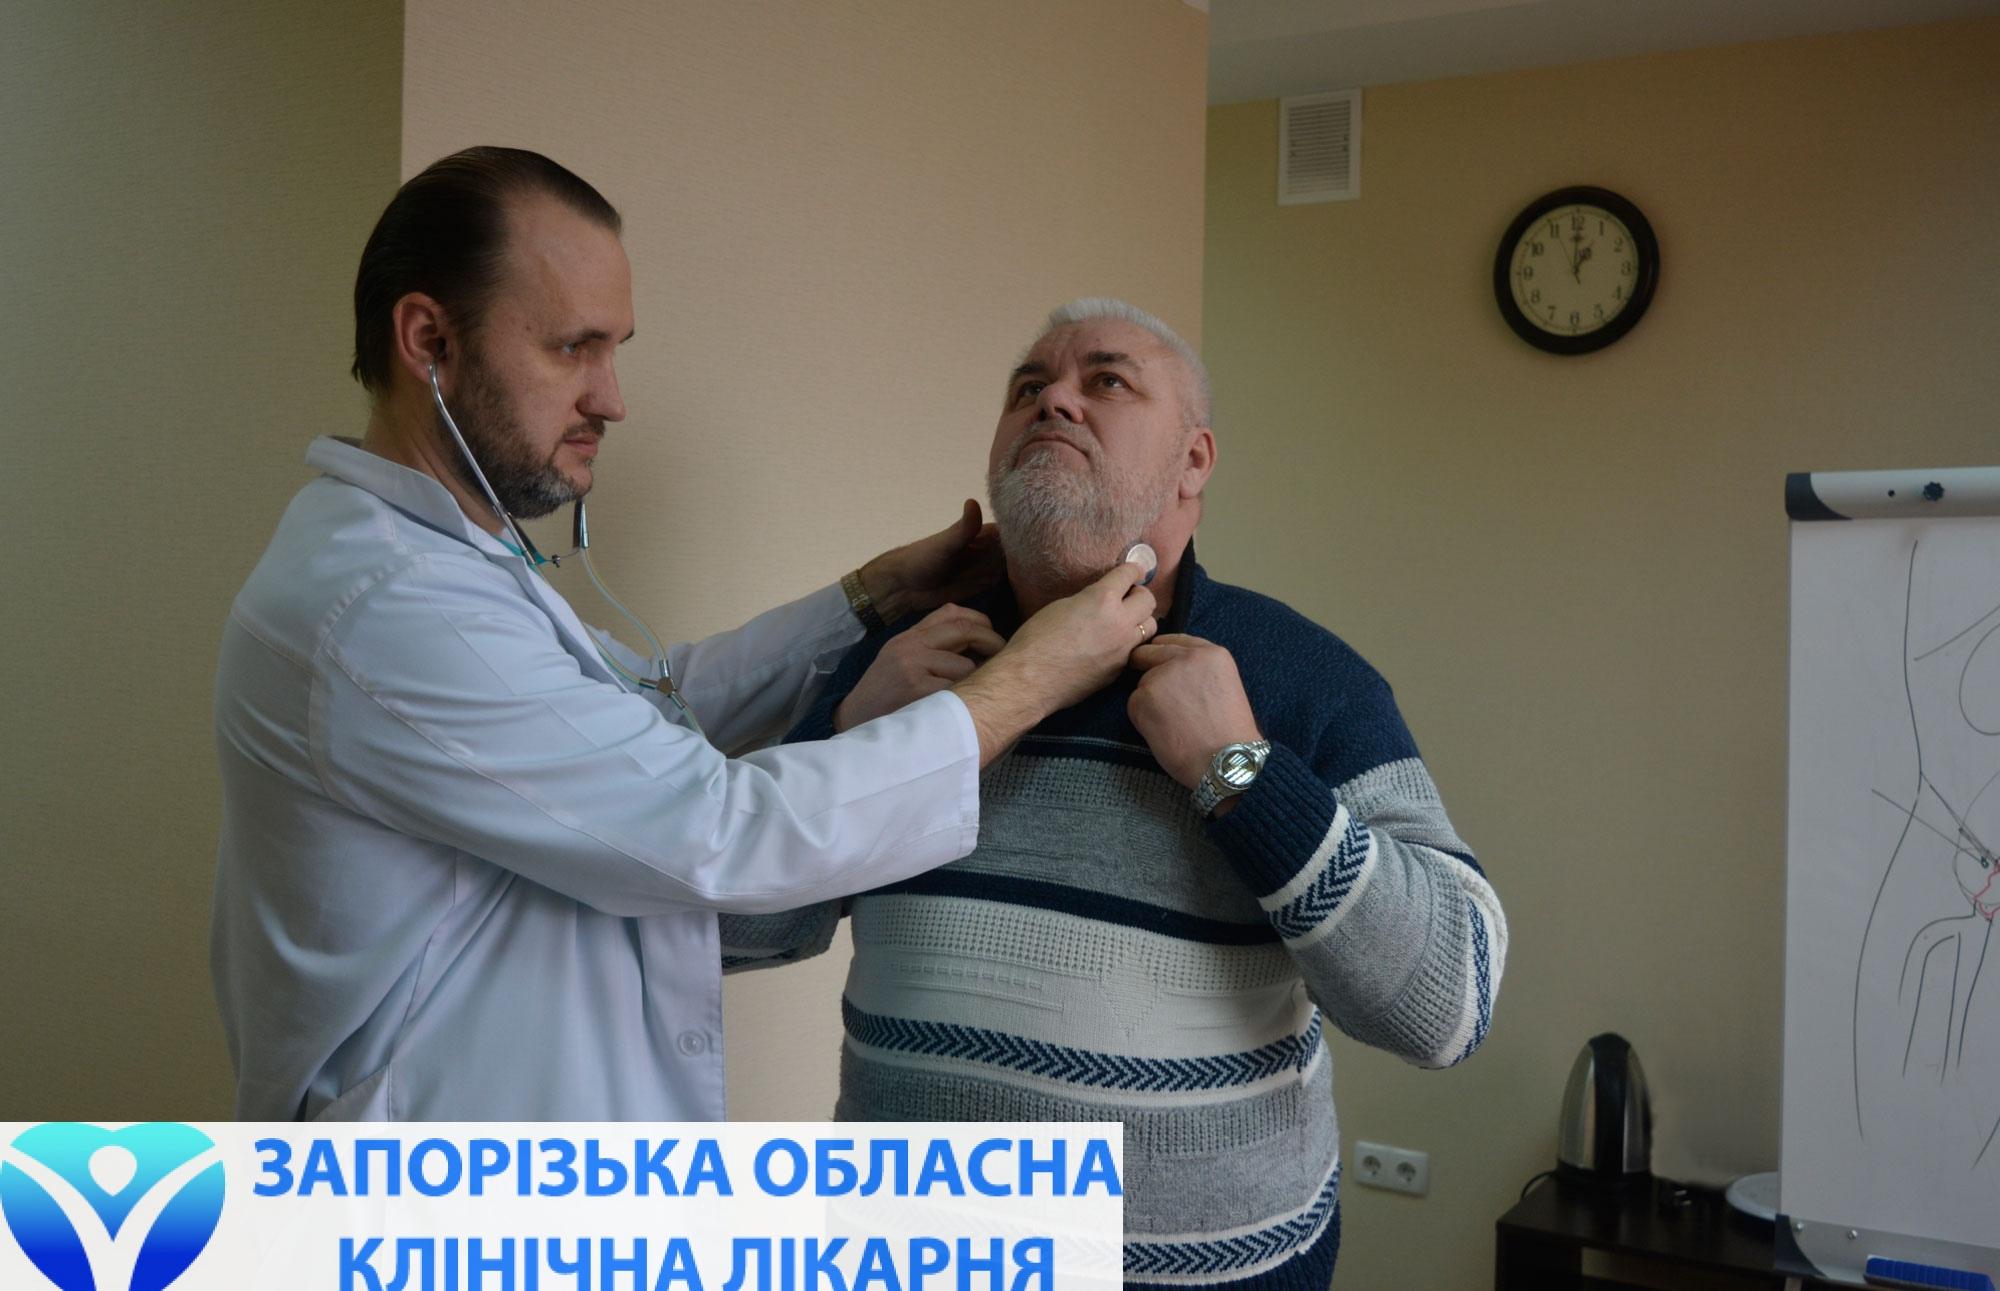 Благодаря симультанной операции пациент решил две серьезные проблемы со здоровьем